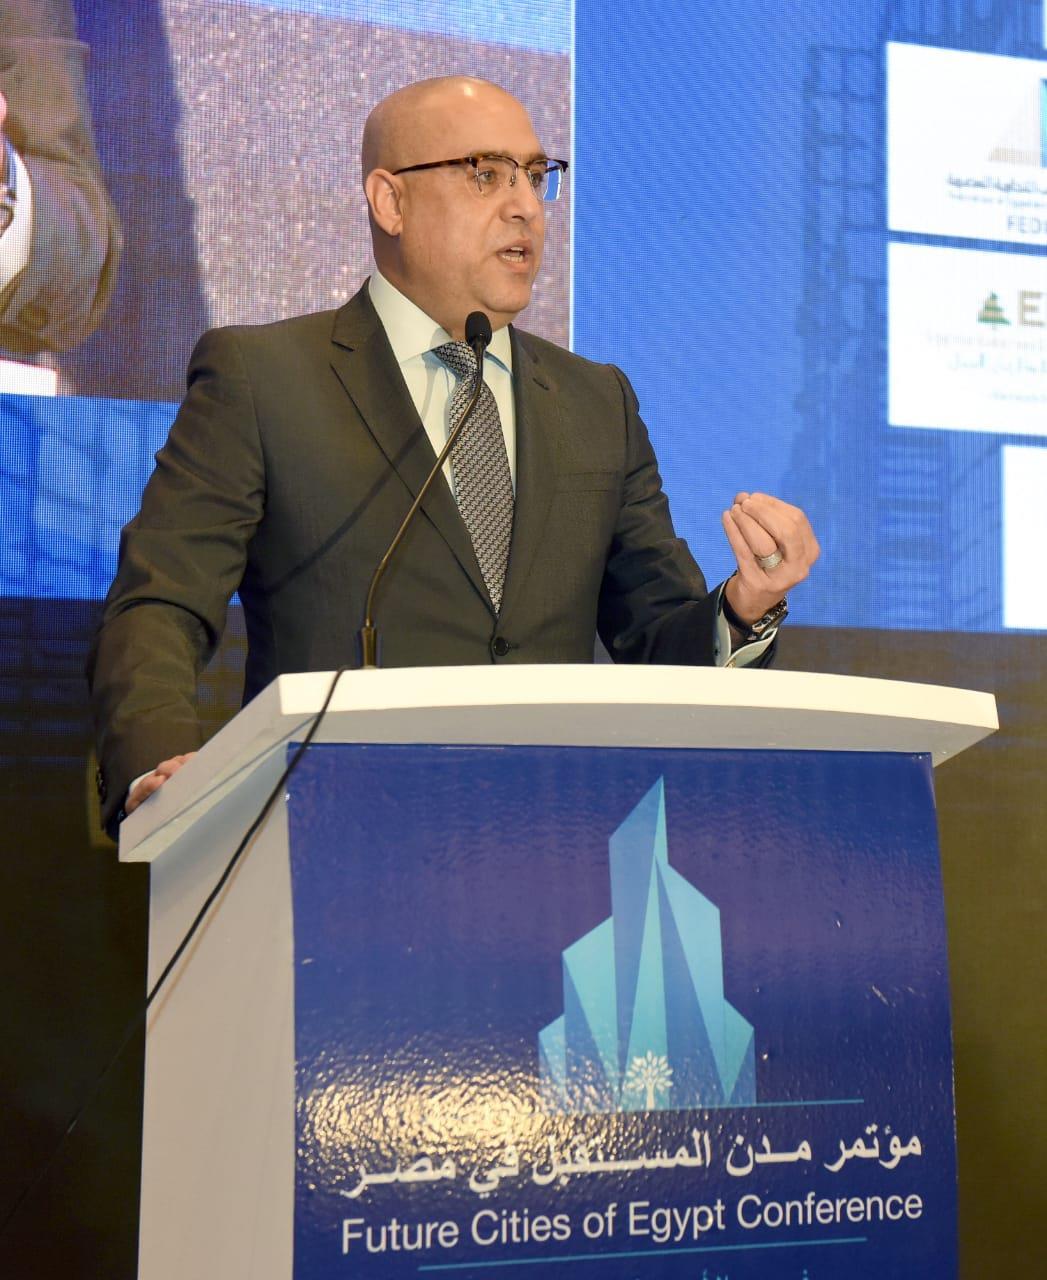 وزيرة الاستثمار والتعاون الدولى تفتتح مؤتمر مدن المستقبل فى مصر